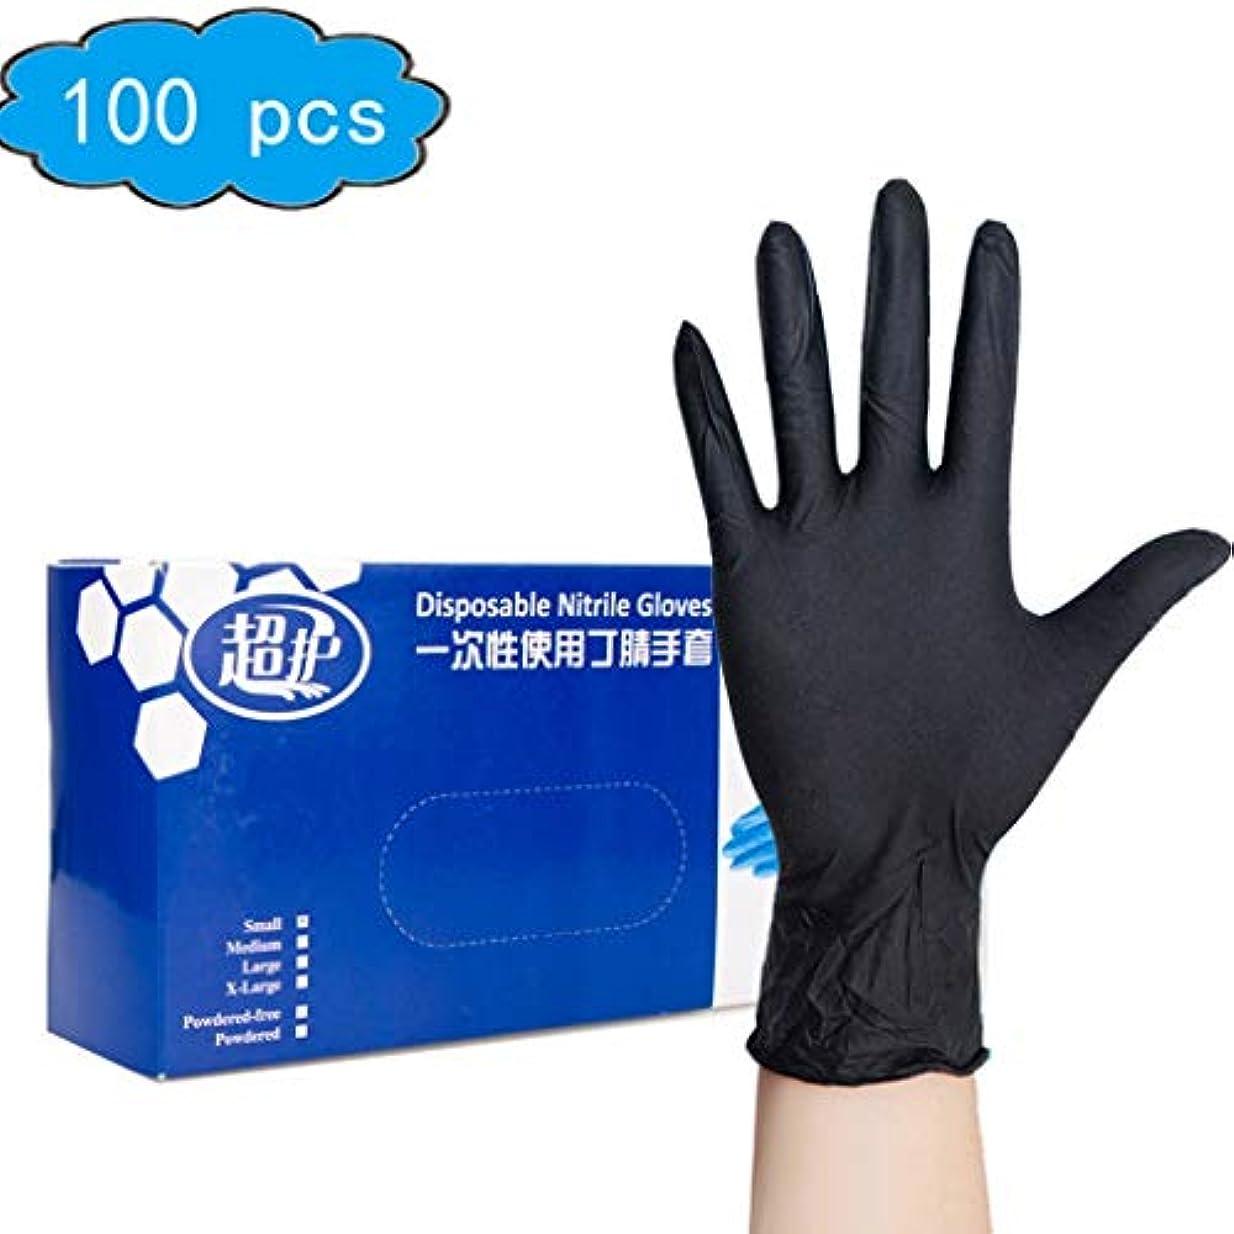 ラテンモード集まる使い捨てニトリルエクストラストロング手袋、パウダーフリー、工業用手袋、100 PCS (Color : Black, Size : M)